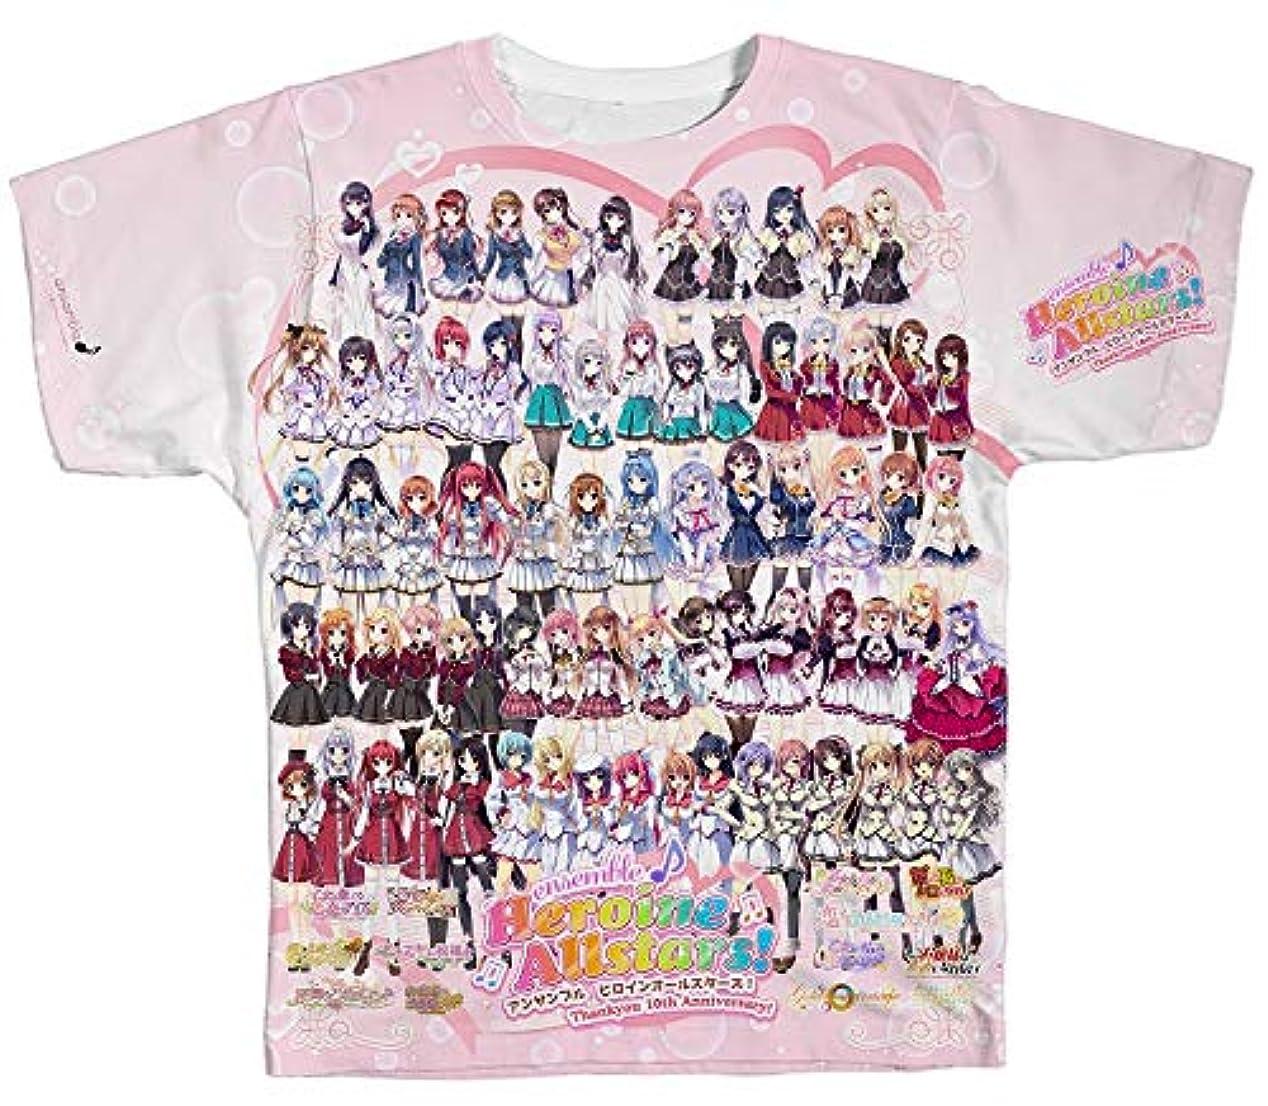 業界レディ摂動ensemble ヒロインオールスターズ フルグラフィックTシャツ Lサイズ【グッズ】